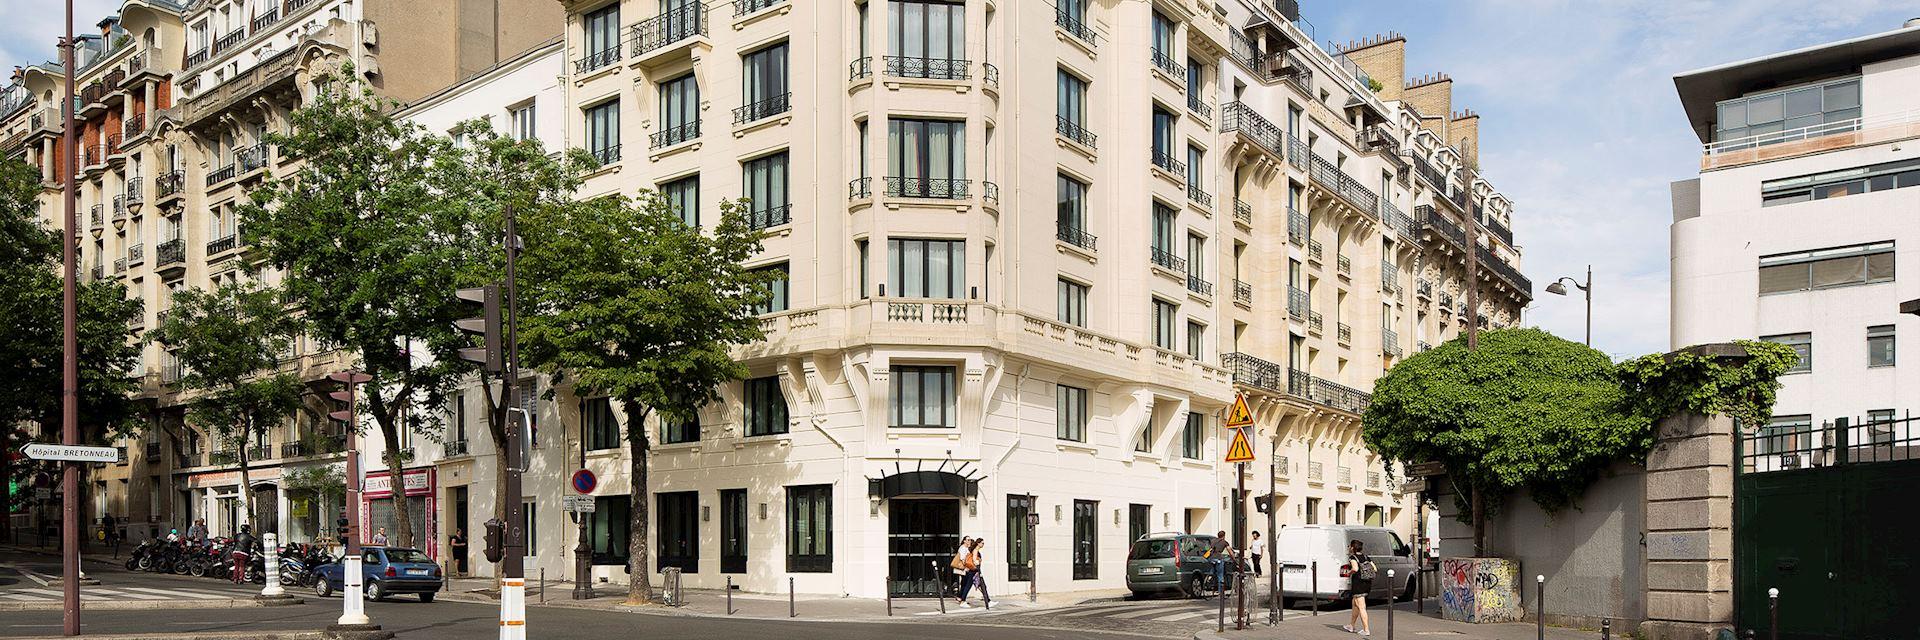 Le Terrass Hotel, Paris